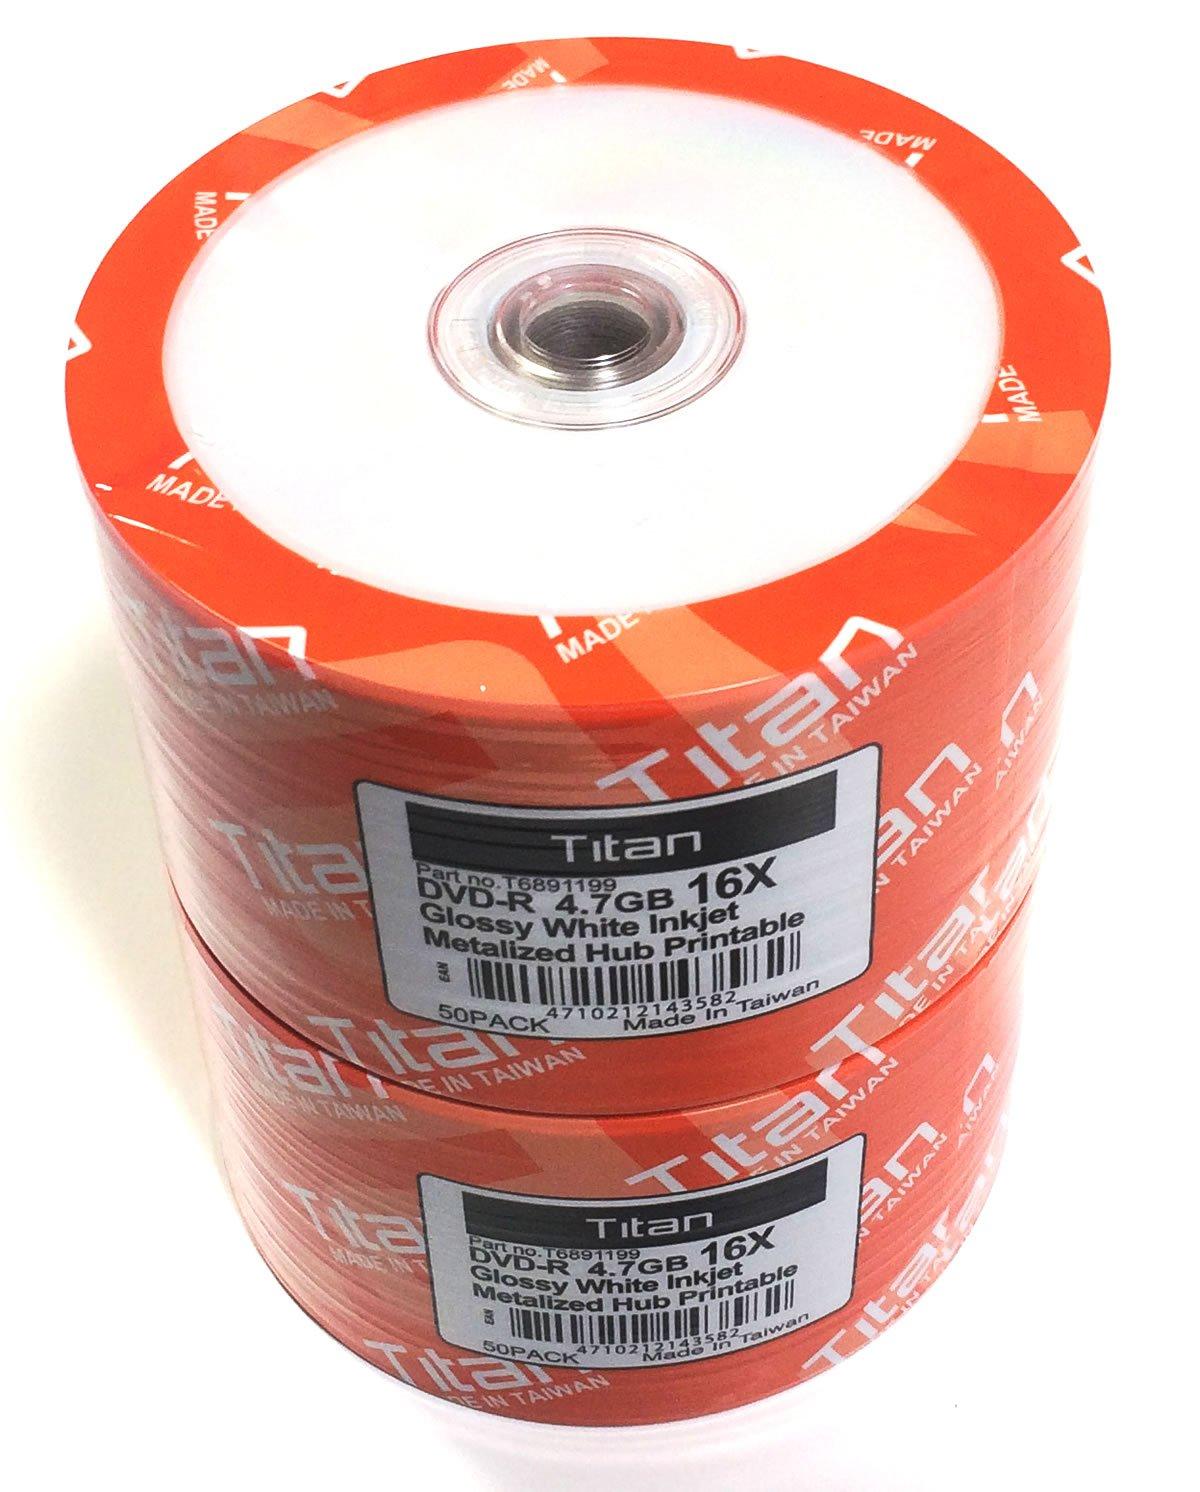 100-Pack Titan 16X DVD-R Glossy White Inkjet Hub Printable (T6891199-100)